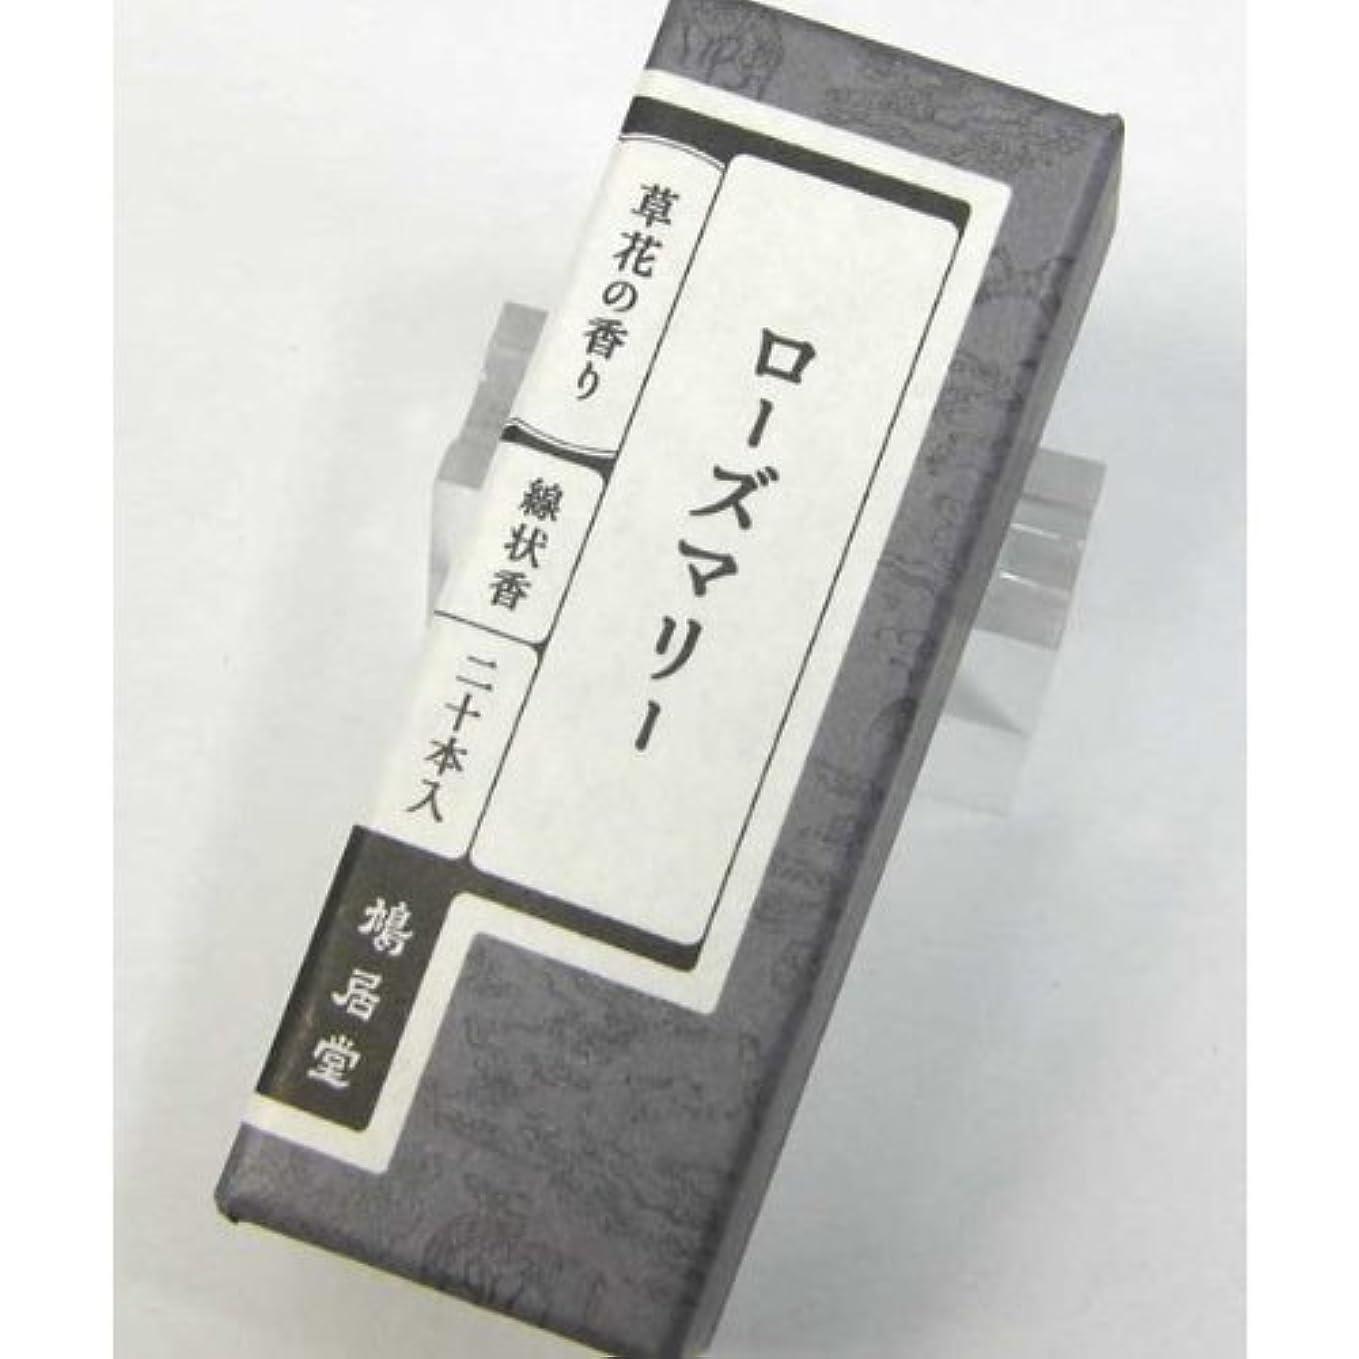 日光砂の団結鳩居堂 お香 ローズマリー 草花の香りシリーズ スティックタイプ(棒状香)20本いり